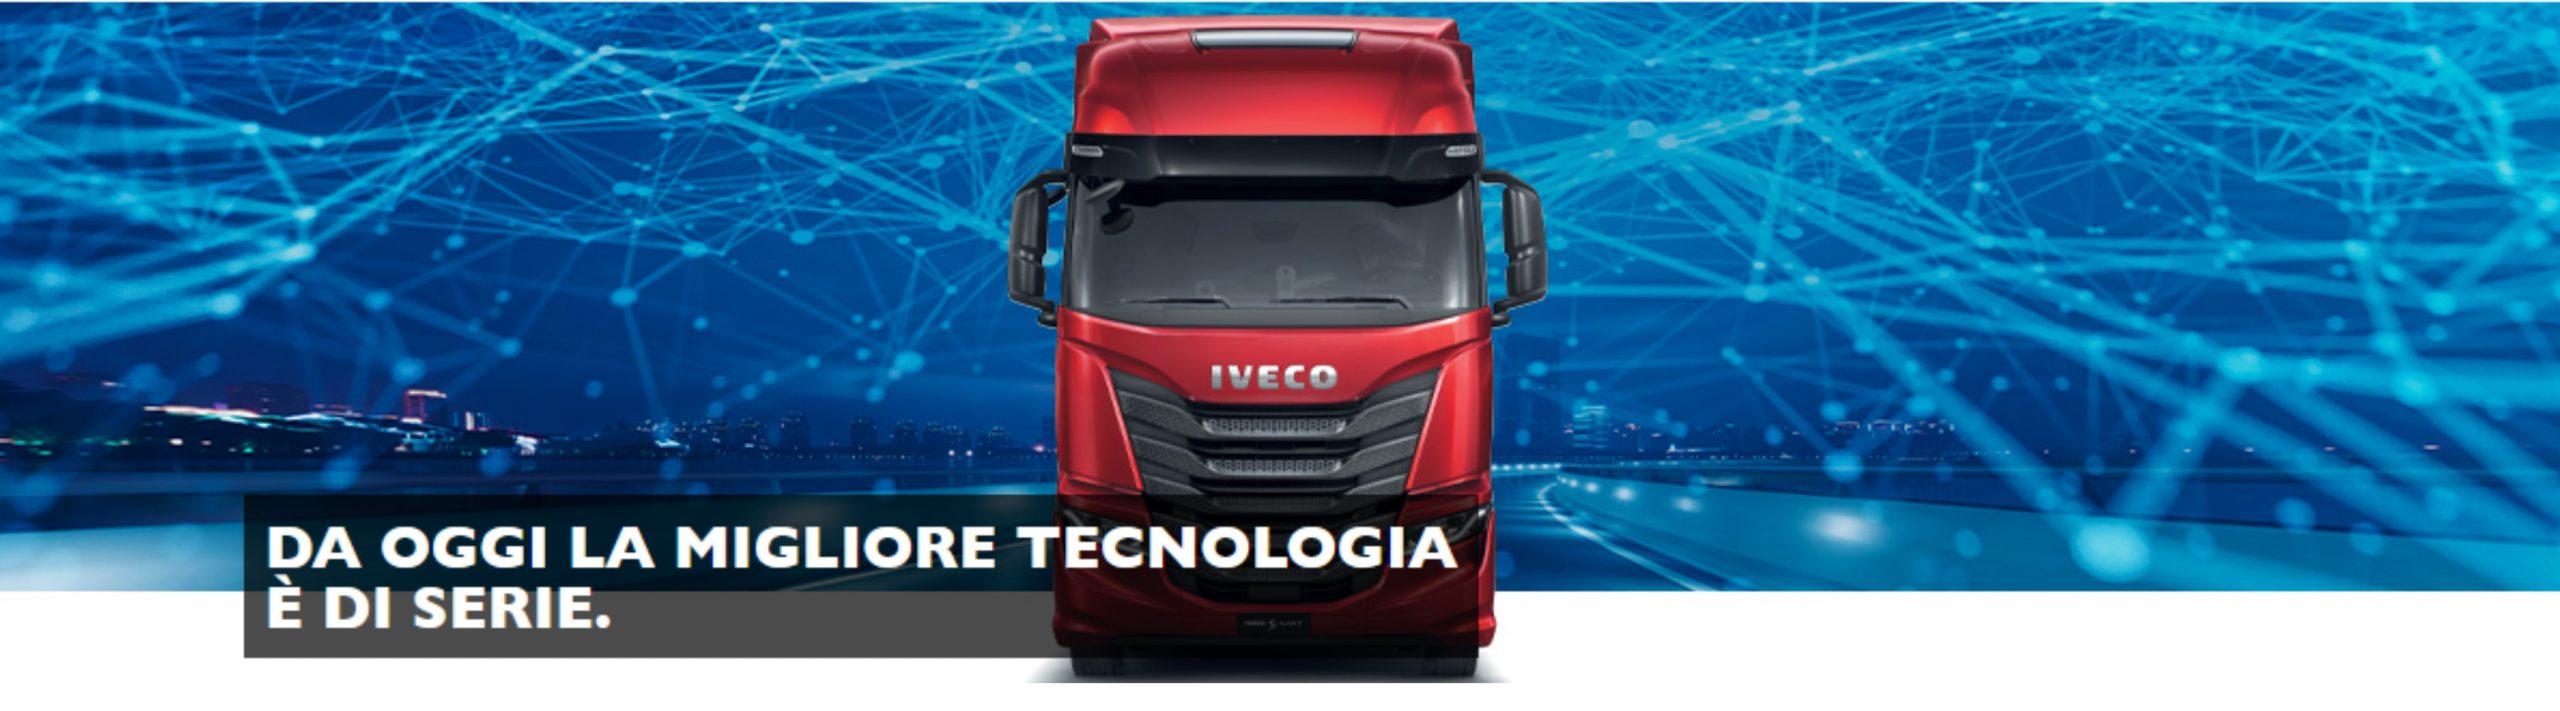 Nuovo Iveco S-Way: la migliore tecnologia è di serie.